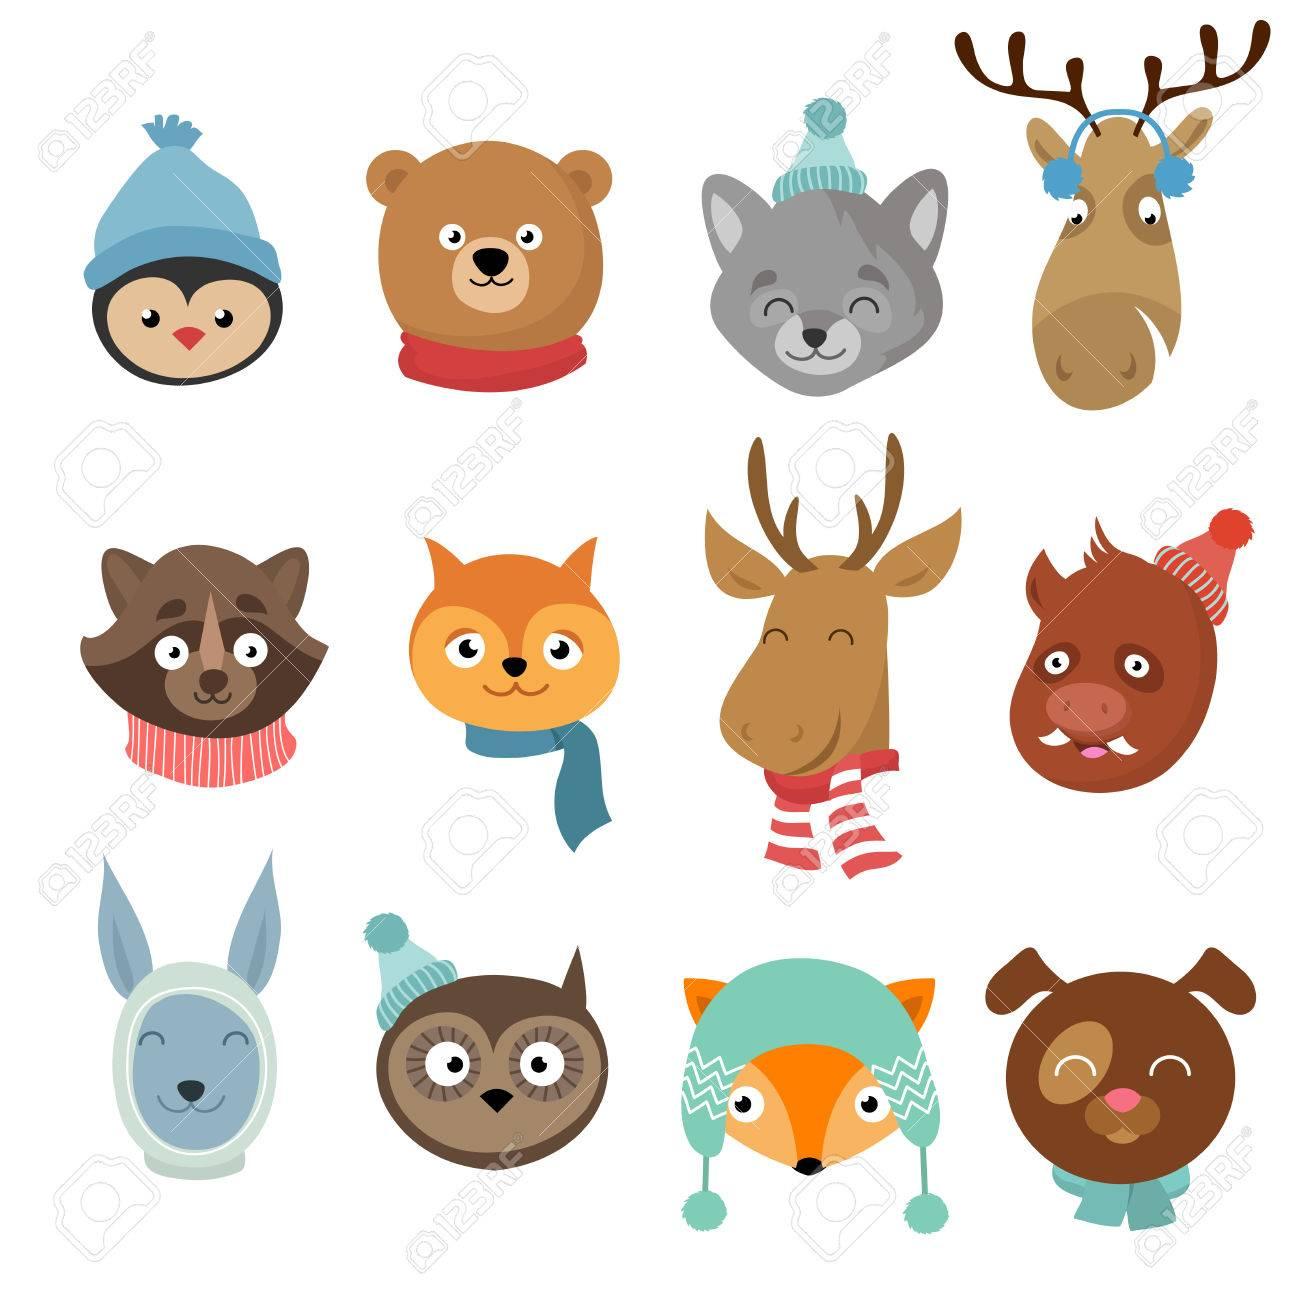 冬クリスマス幸せな動物漫画のキャラクター。ネッカチーフと帽子動物